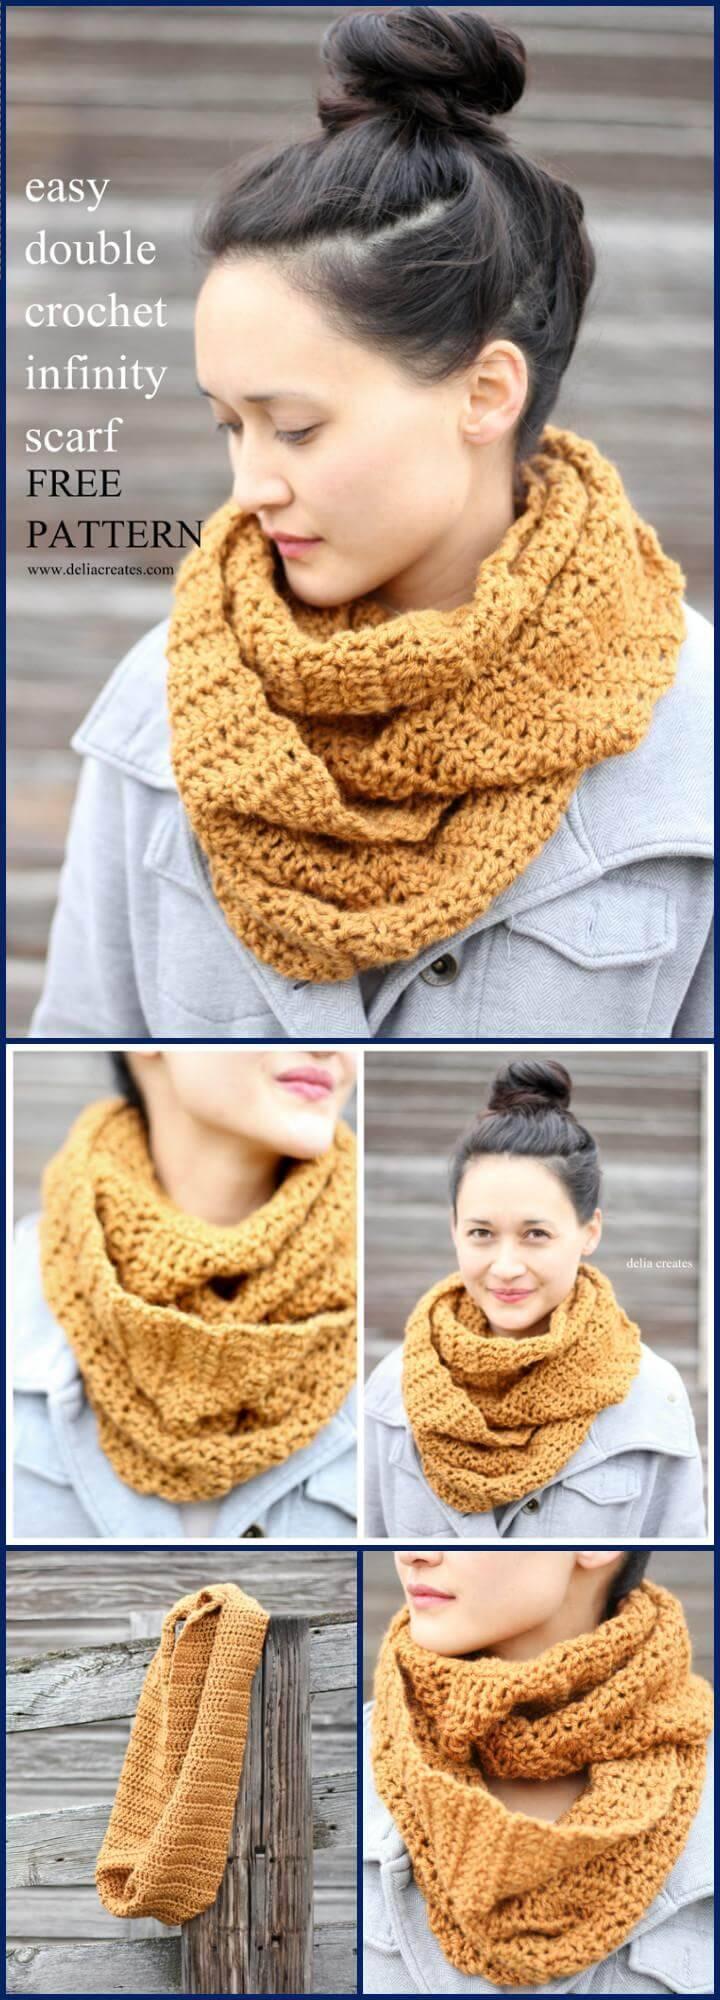 DIY double crochet infinity scarf free pattern